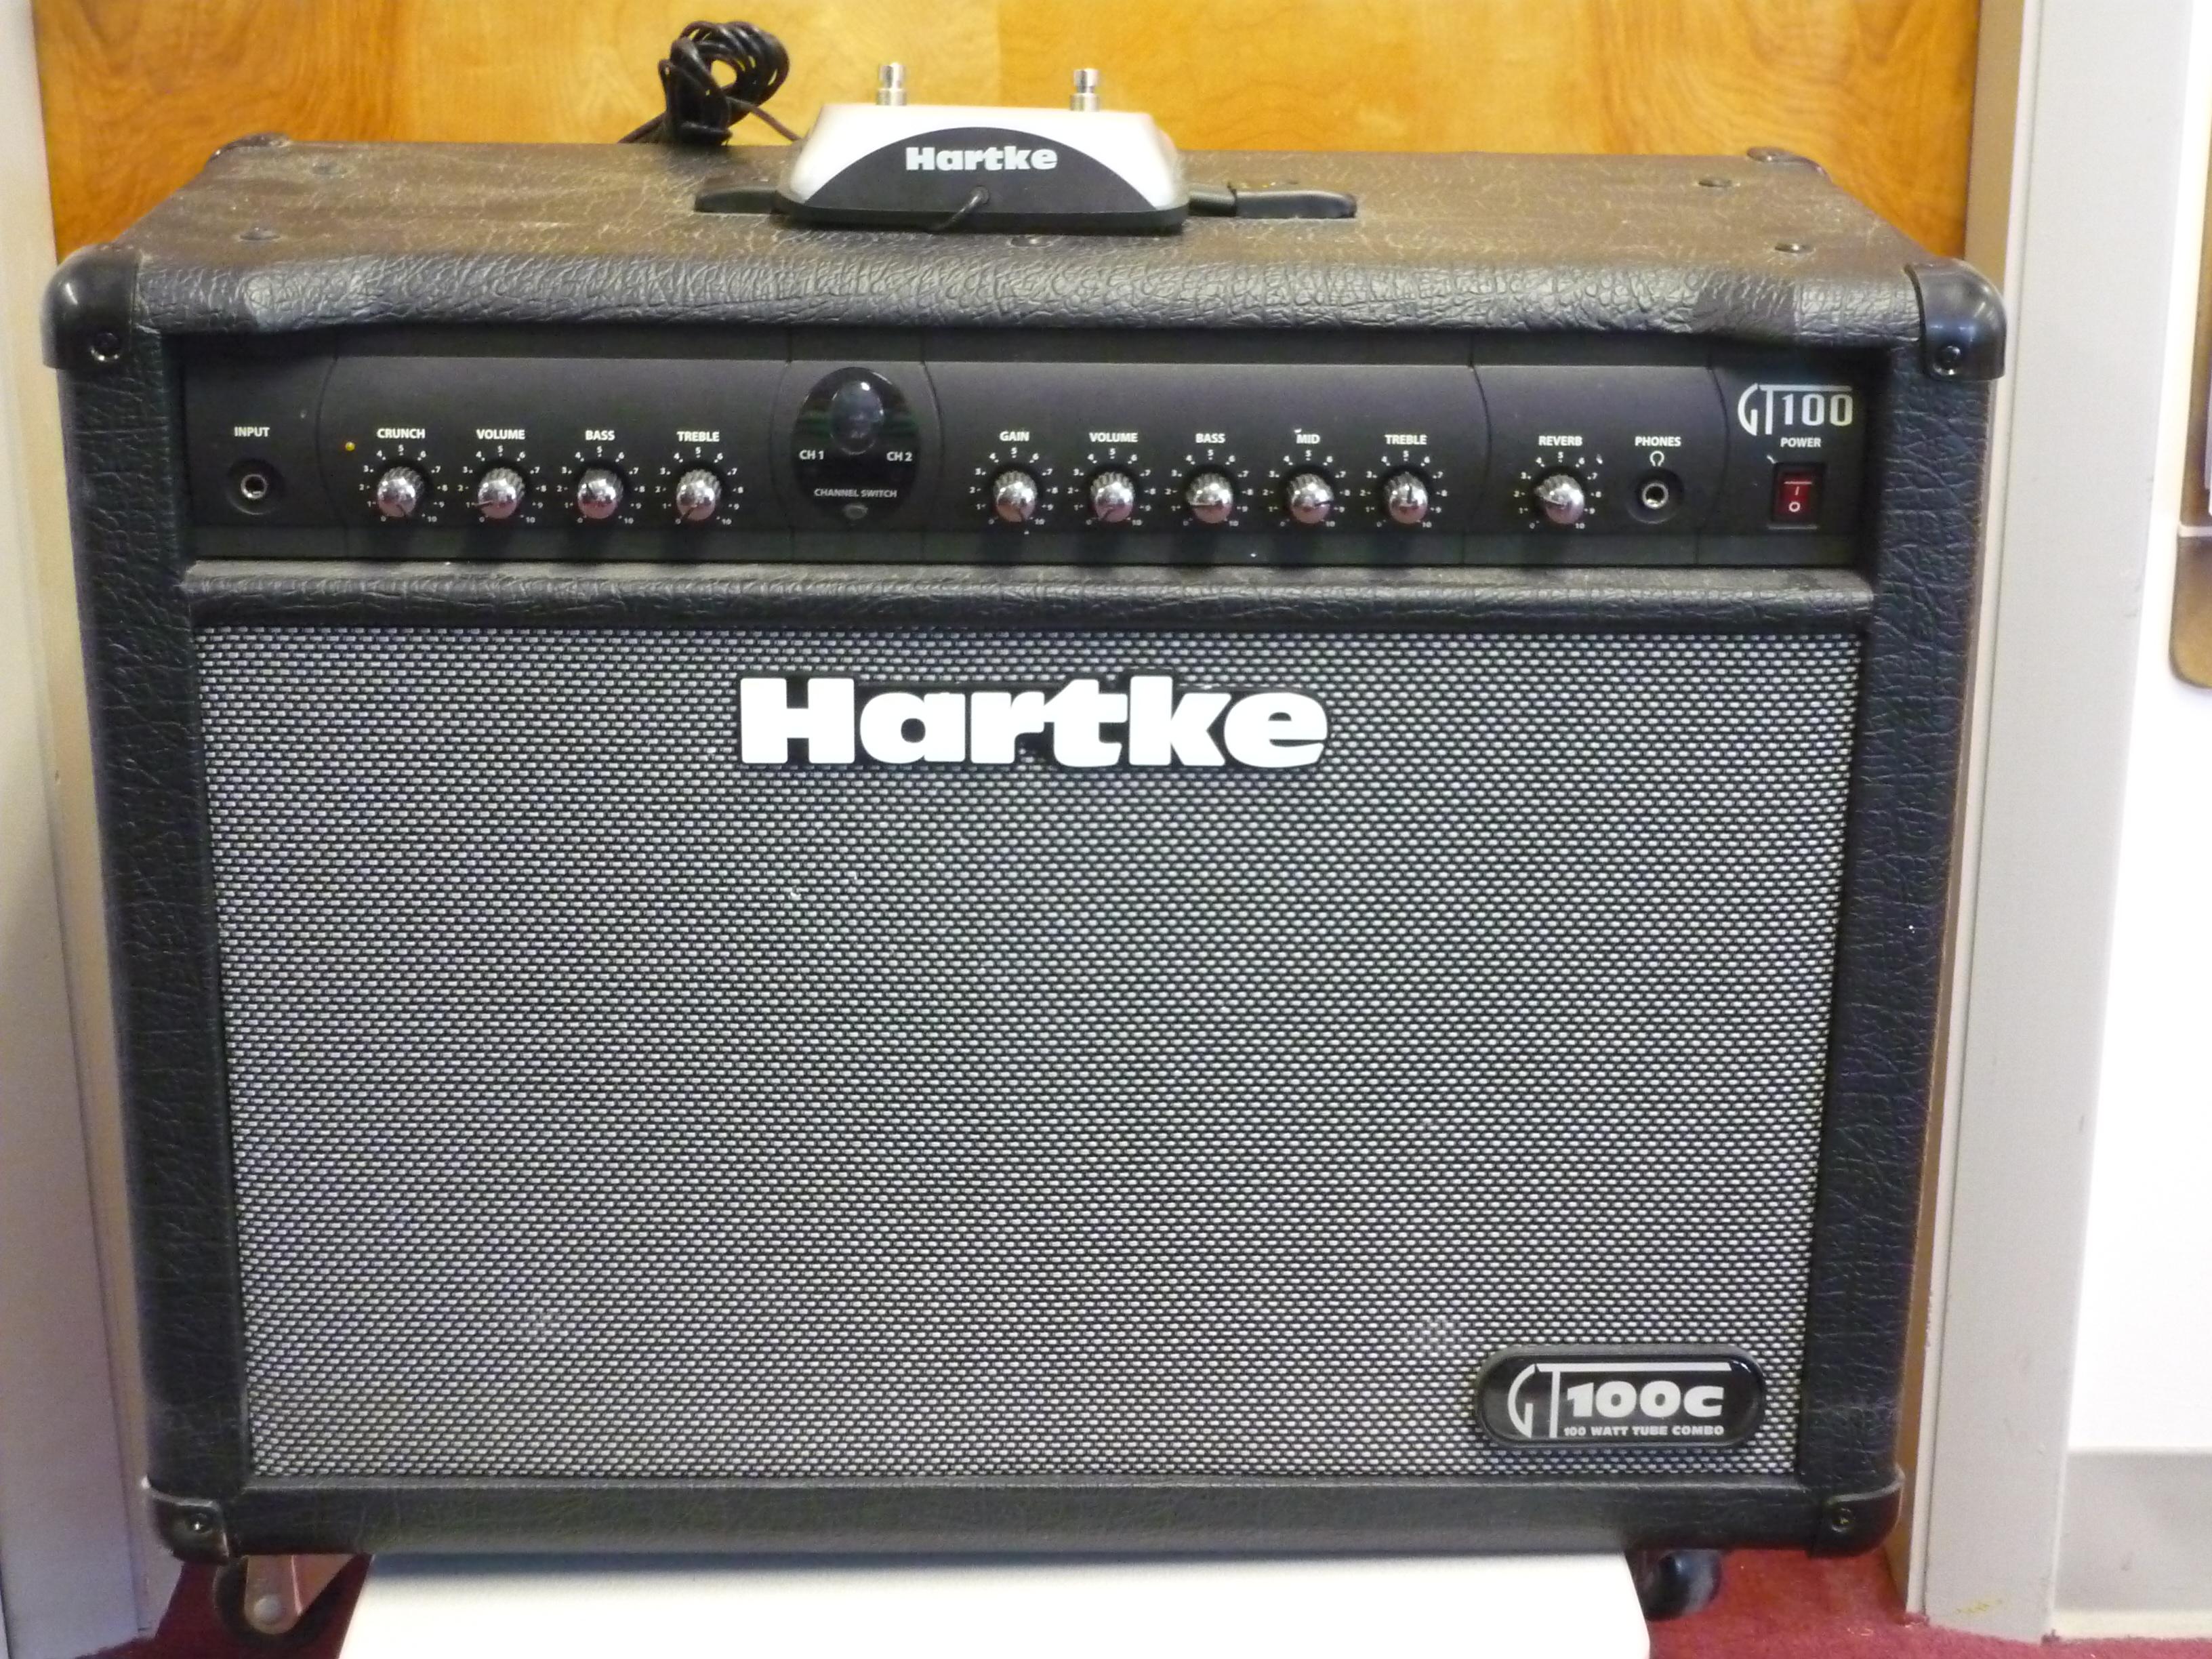 Hartke guitar amp